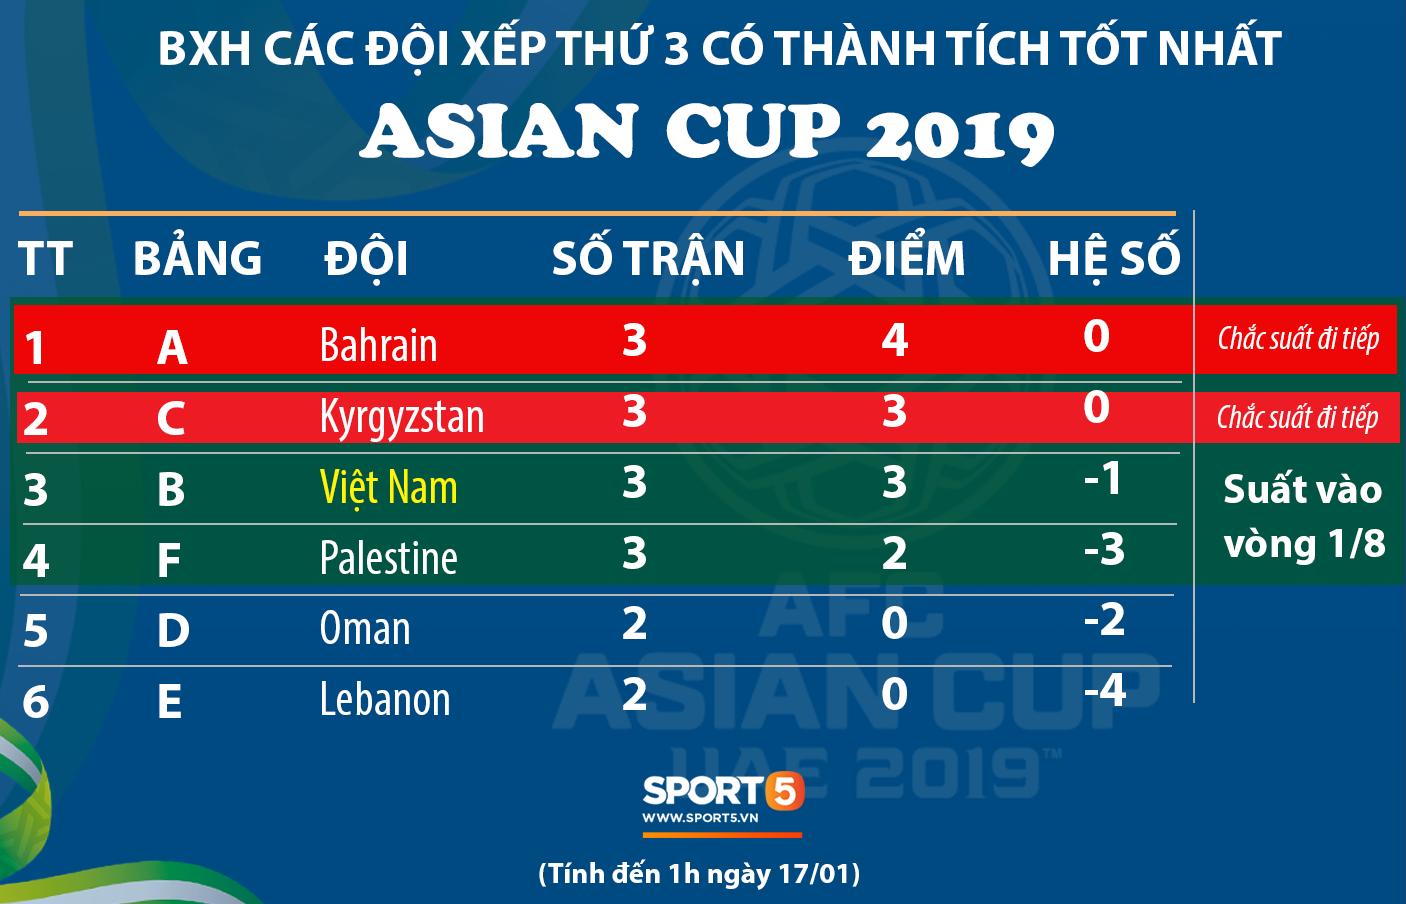 Việt Nam chưa chắc chắn giành vé đi tiếp ở Asian Cup 2019-1